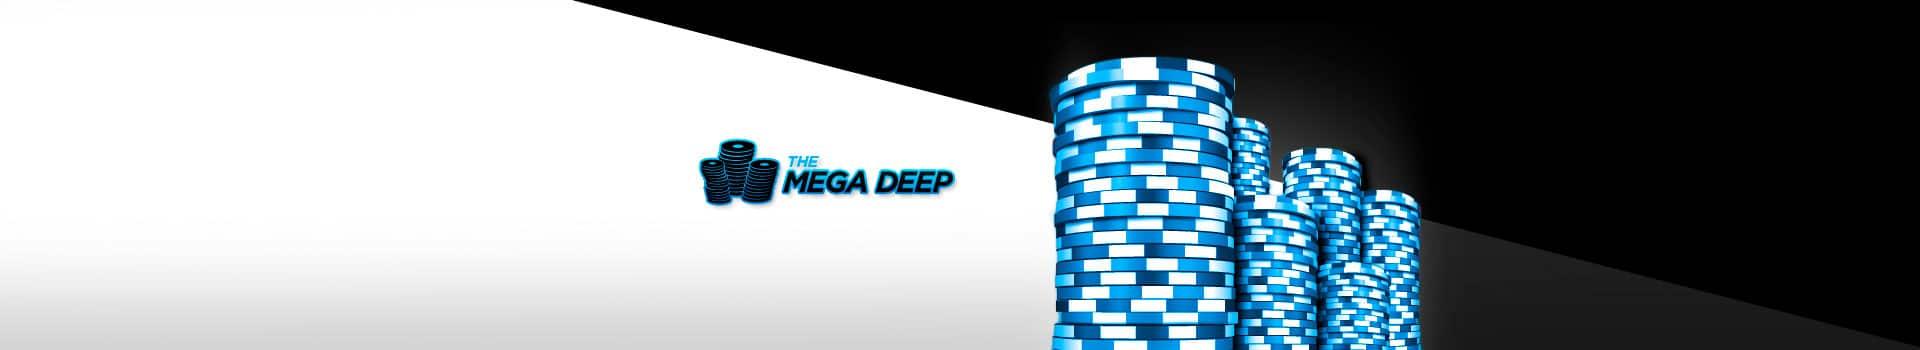 The Mega Deep — воскресный турнир 888 Покер